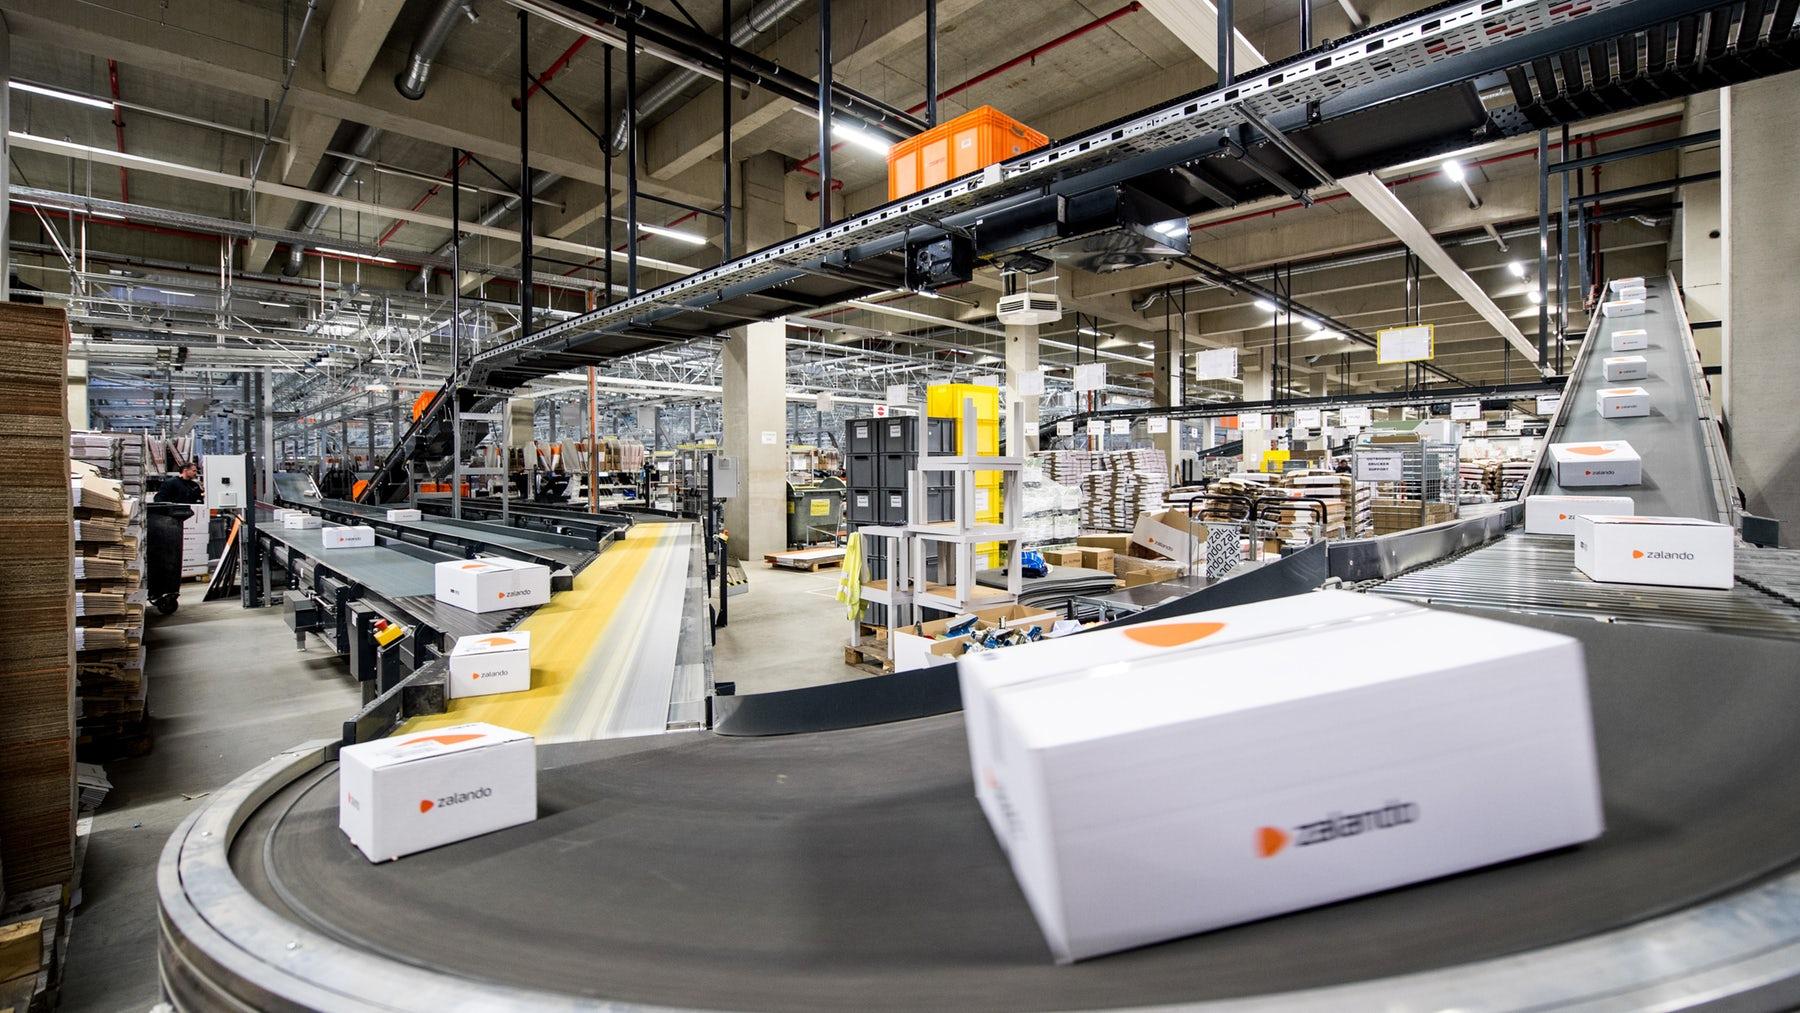 Zalando logistics centre | Source: Courtesy